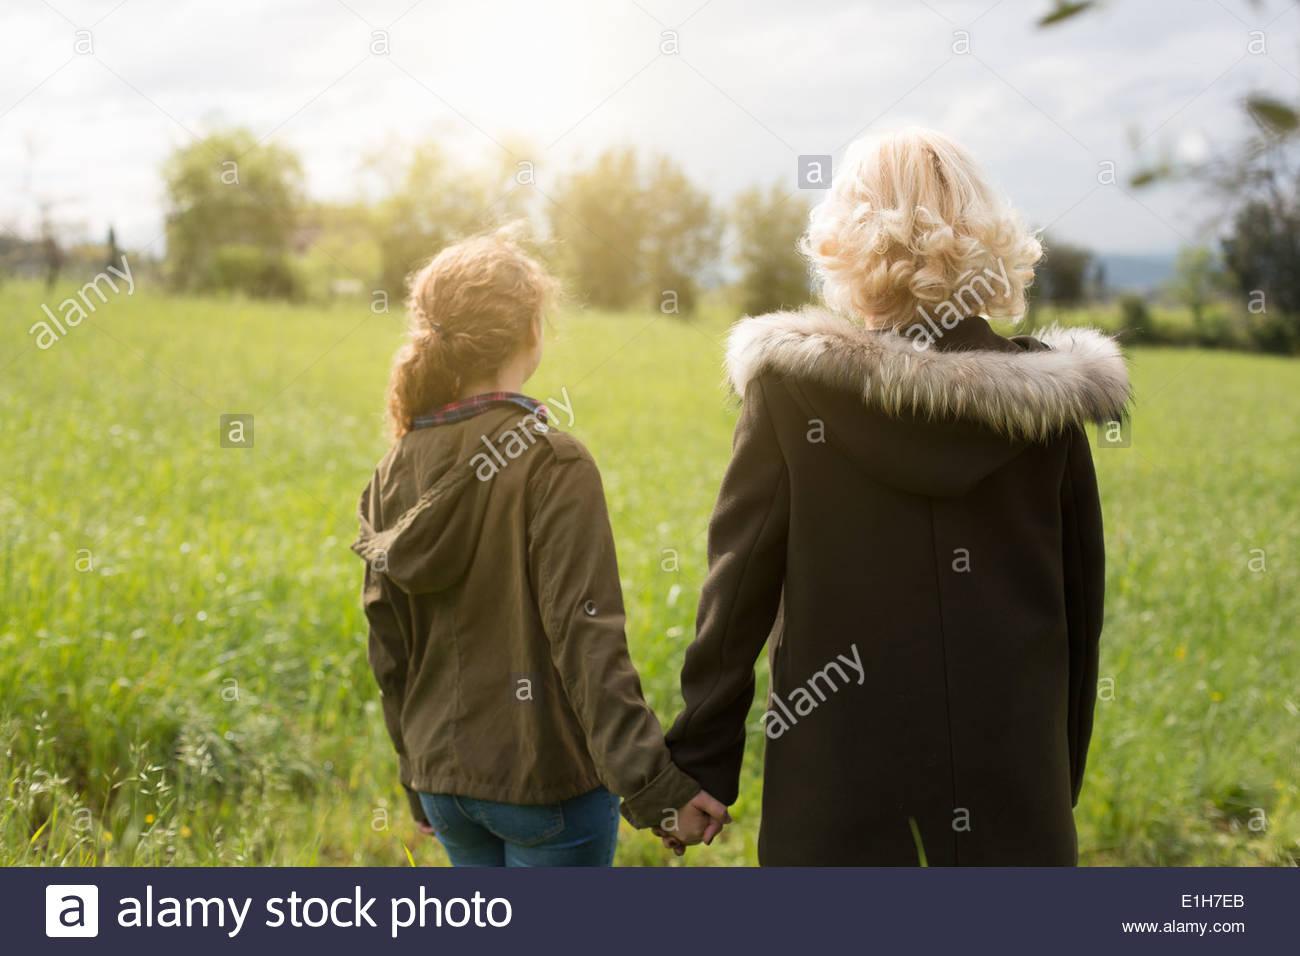 Vue arrière de la mère et fille adolescente holding hands Photo Stock